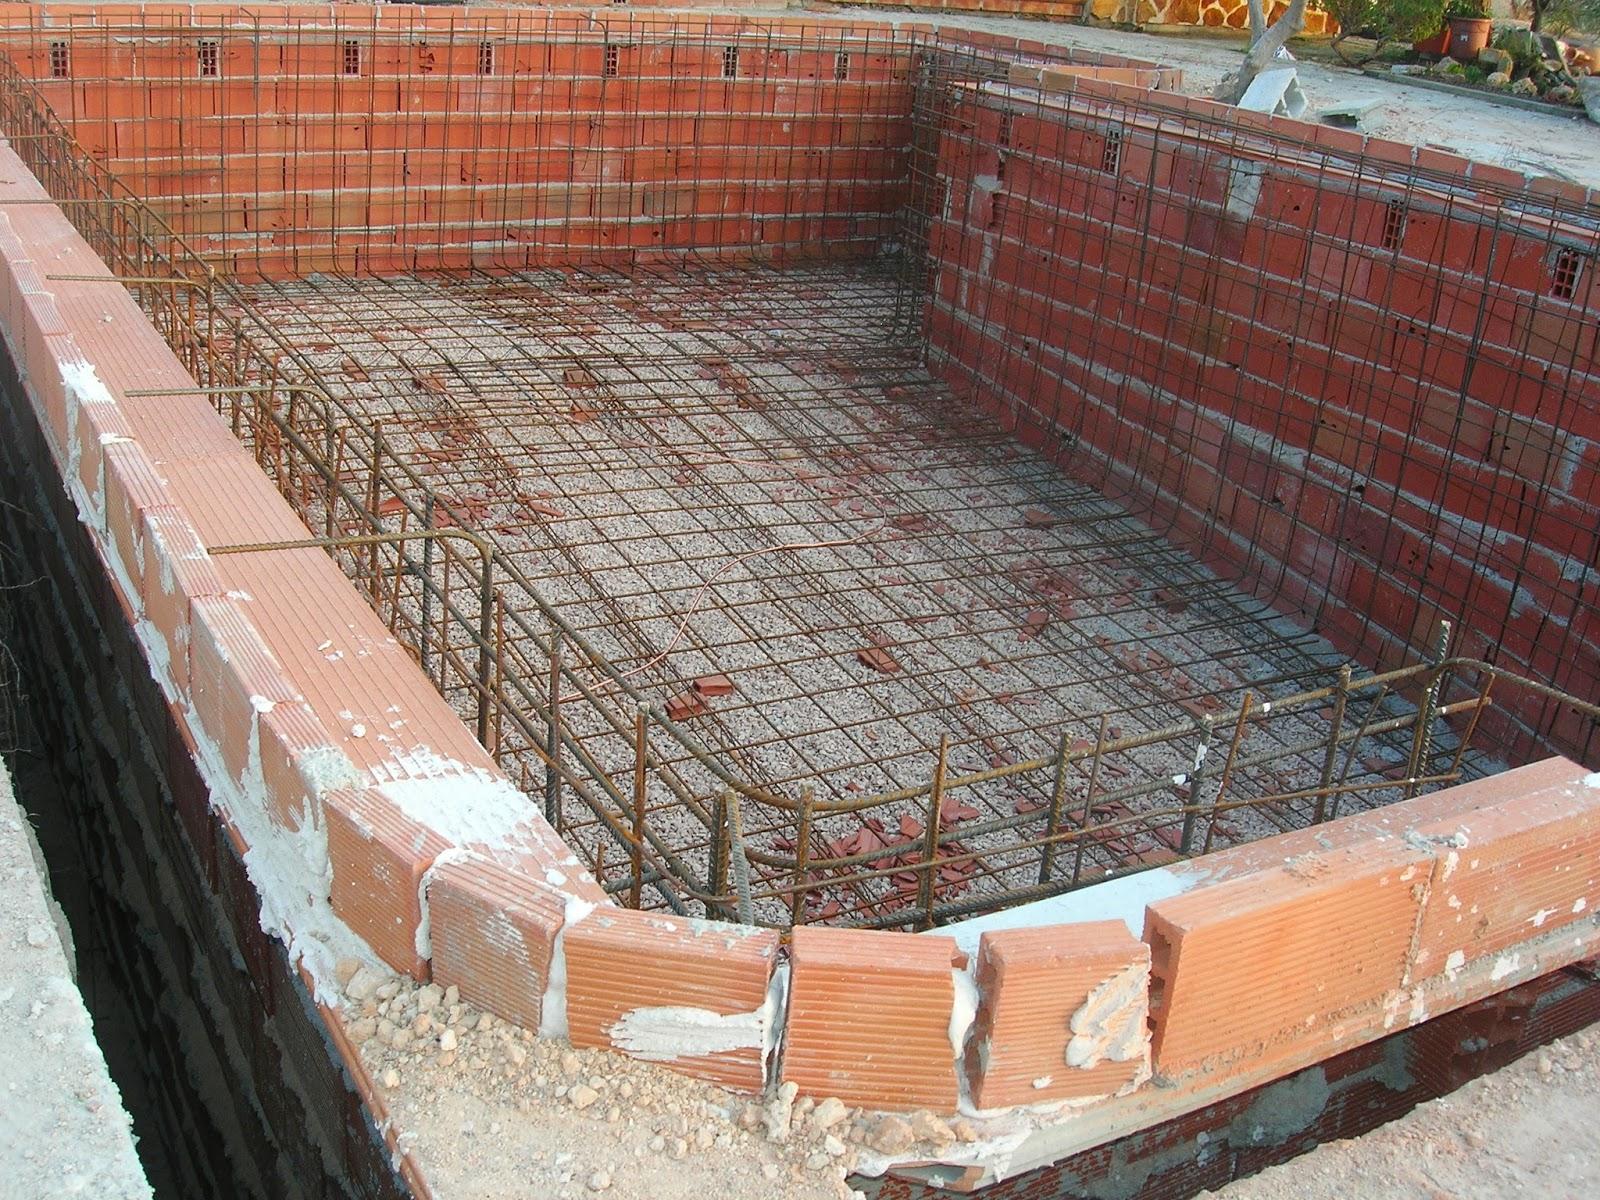 Construide ejecuci n de una piscina proceso y ejemplo for Construccion de piscinas de concreto